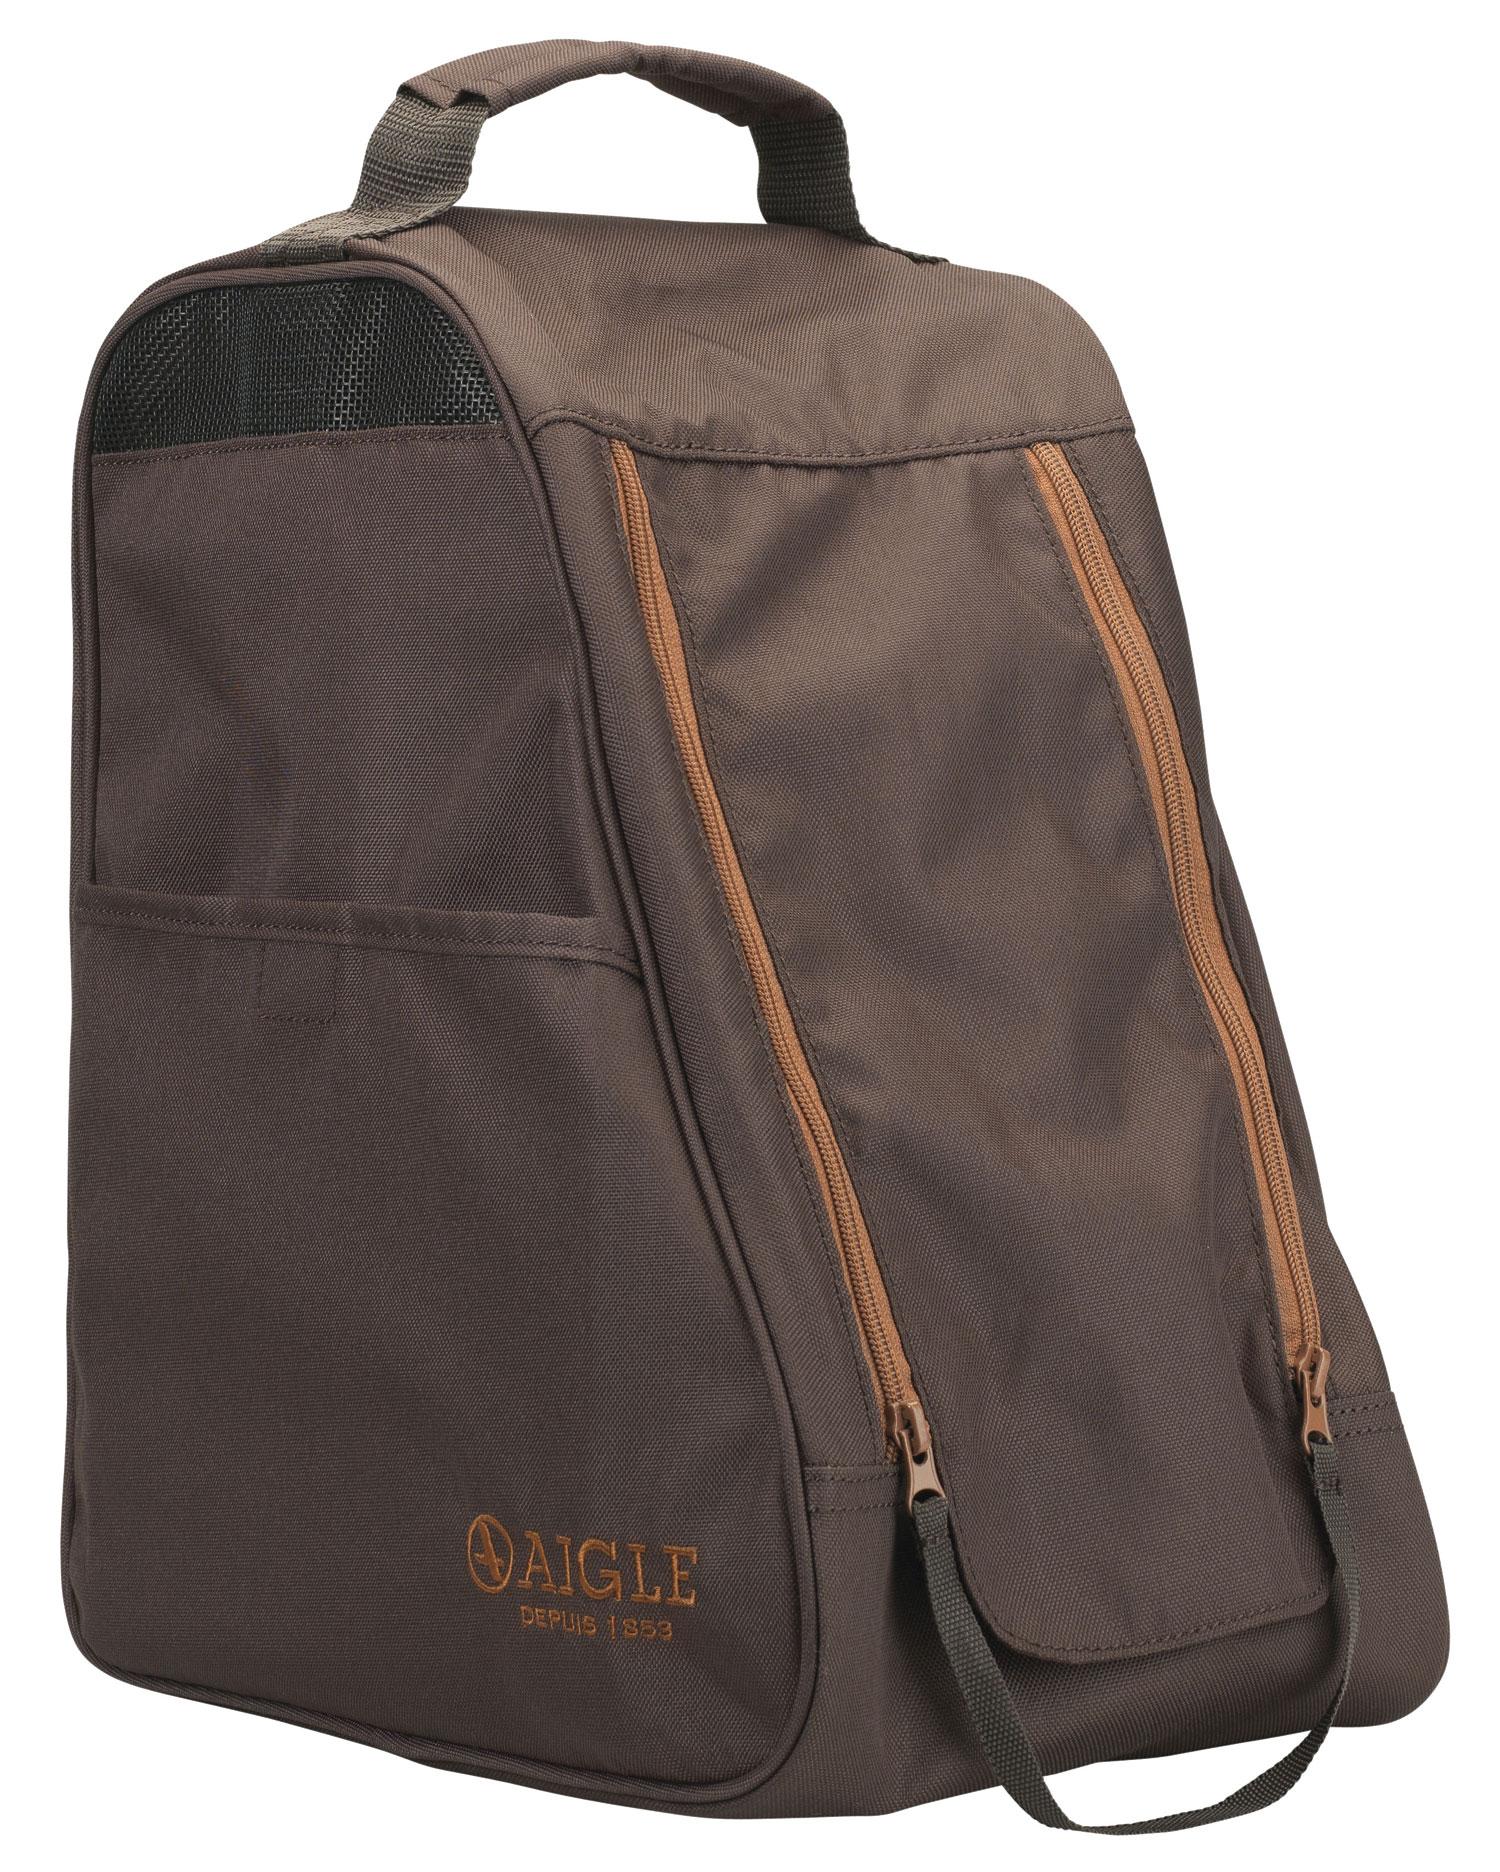 BK02--Aigle-Boot-Bag-Ankle.jpg eee140efb9e06